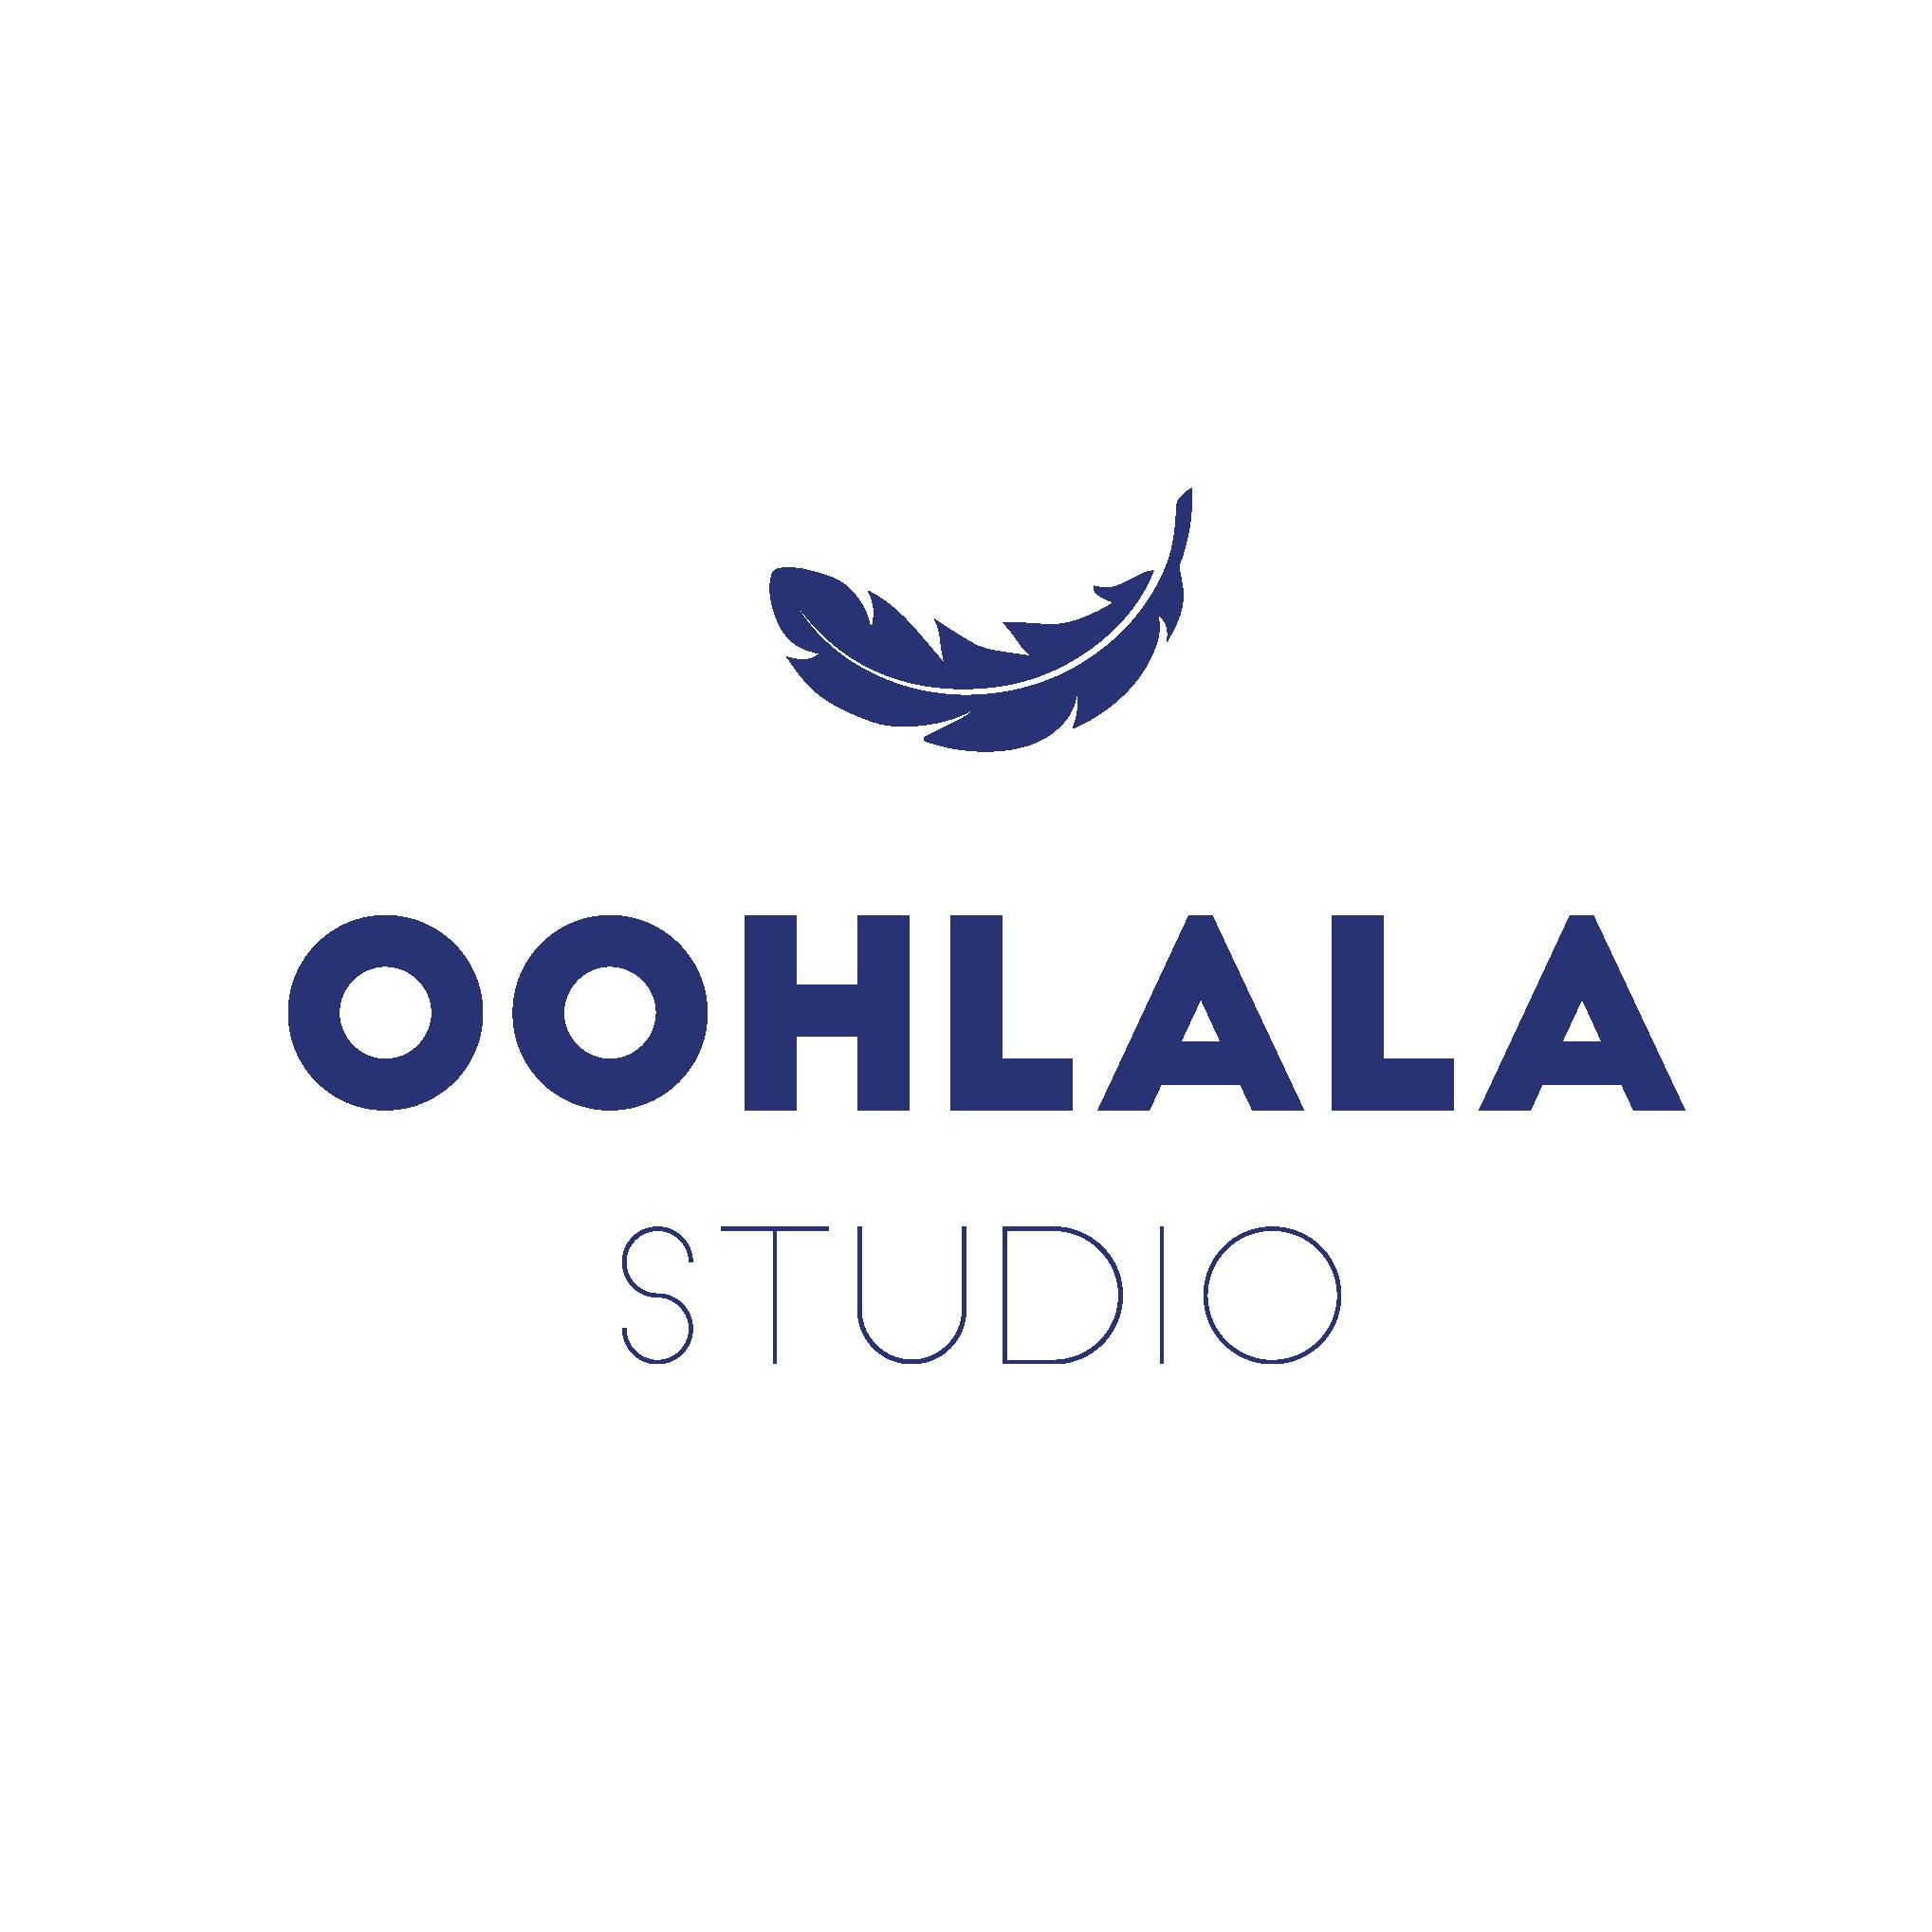 Oohlala Studio